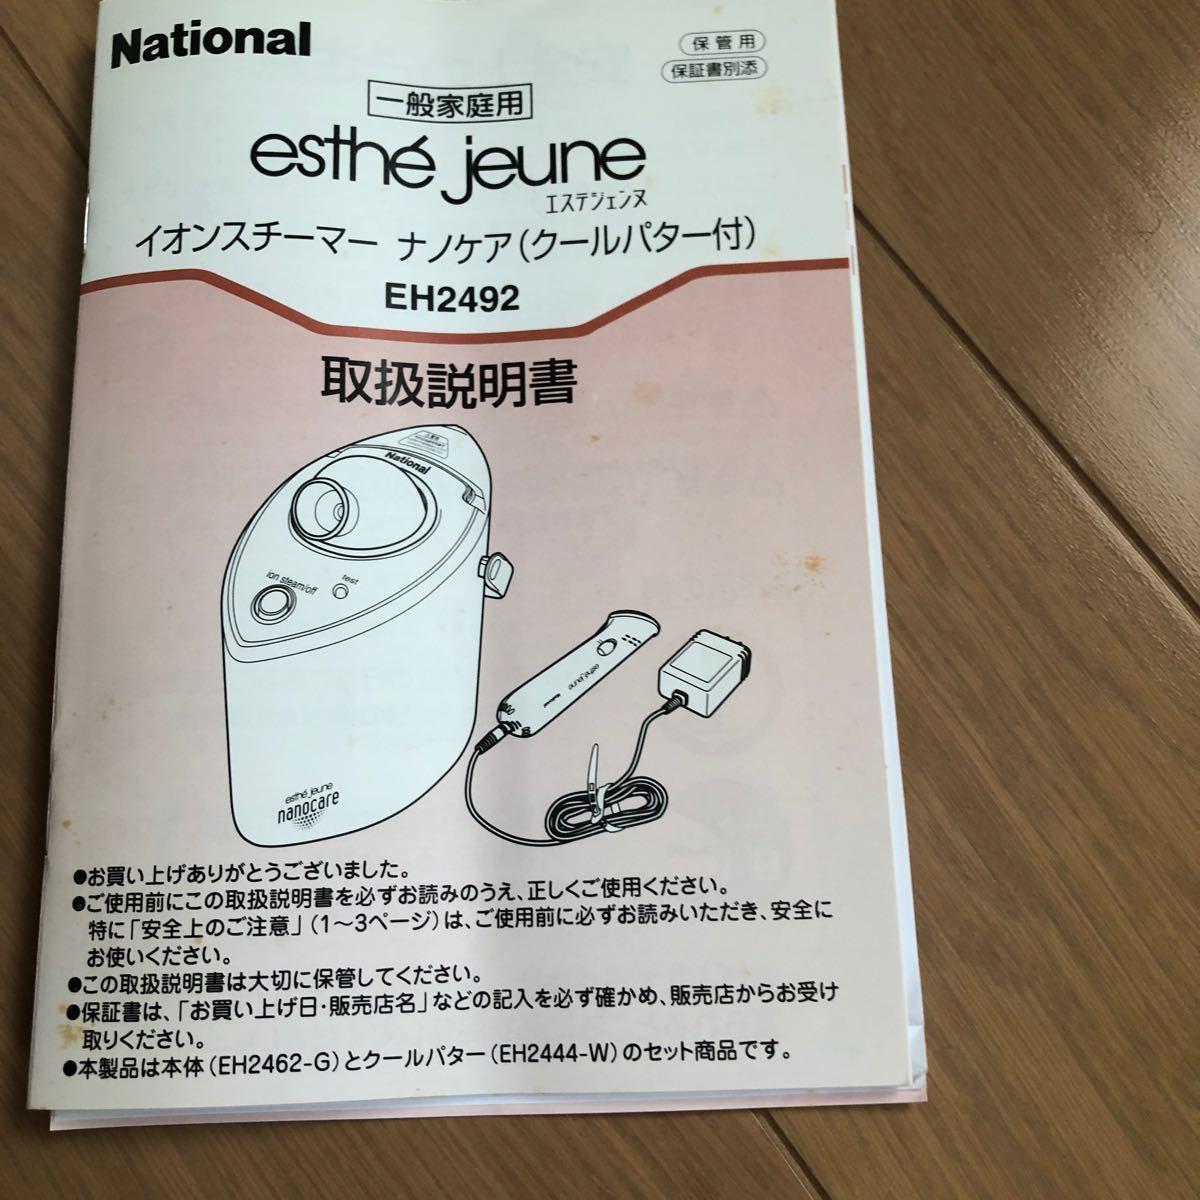 イオンスチーマーナノケア(クールパター付)EH2492  National